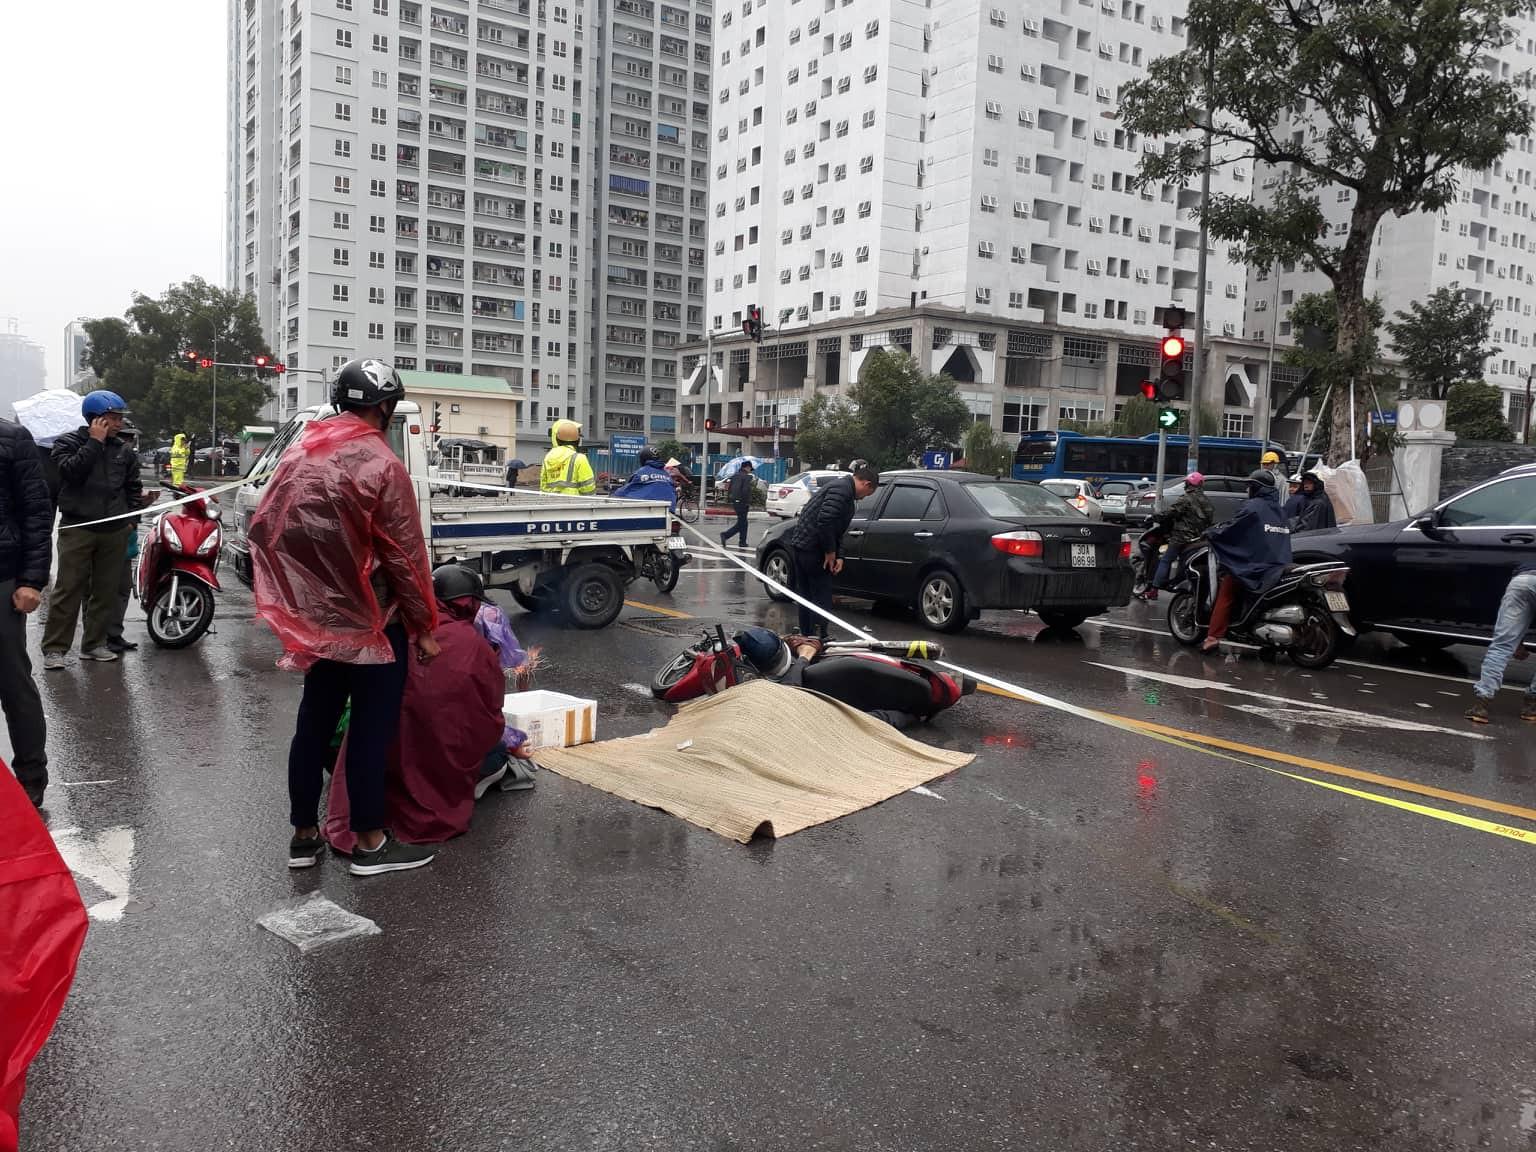 Hà Nội: Xót xa cảnh người đàn ông gục khóc suốt 1 giờ tại hiện trường tai nạn khiến 1 nạn nhân tử vong - Ảnh 2